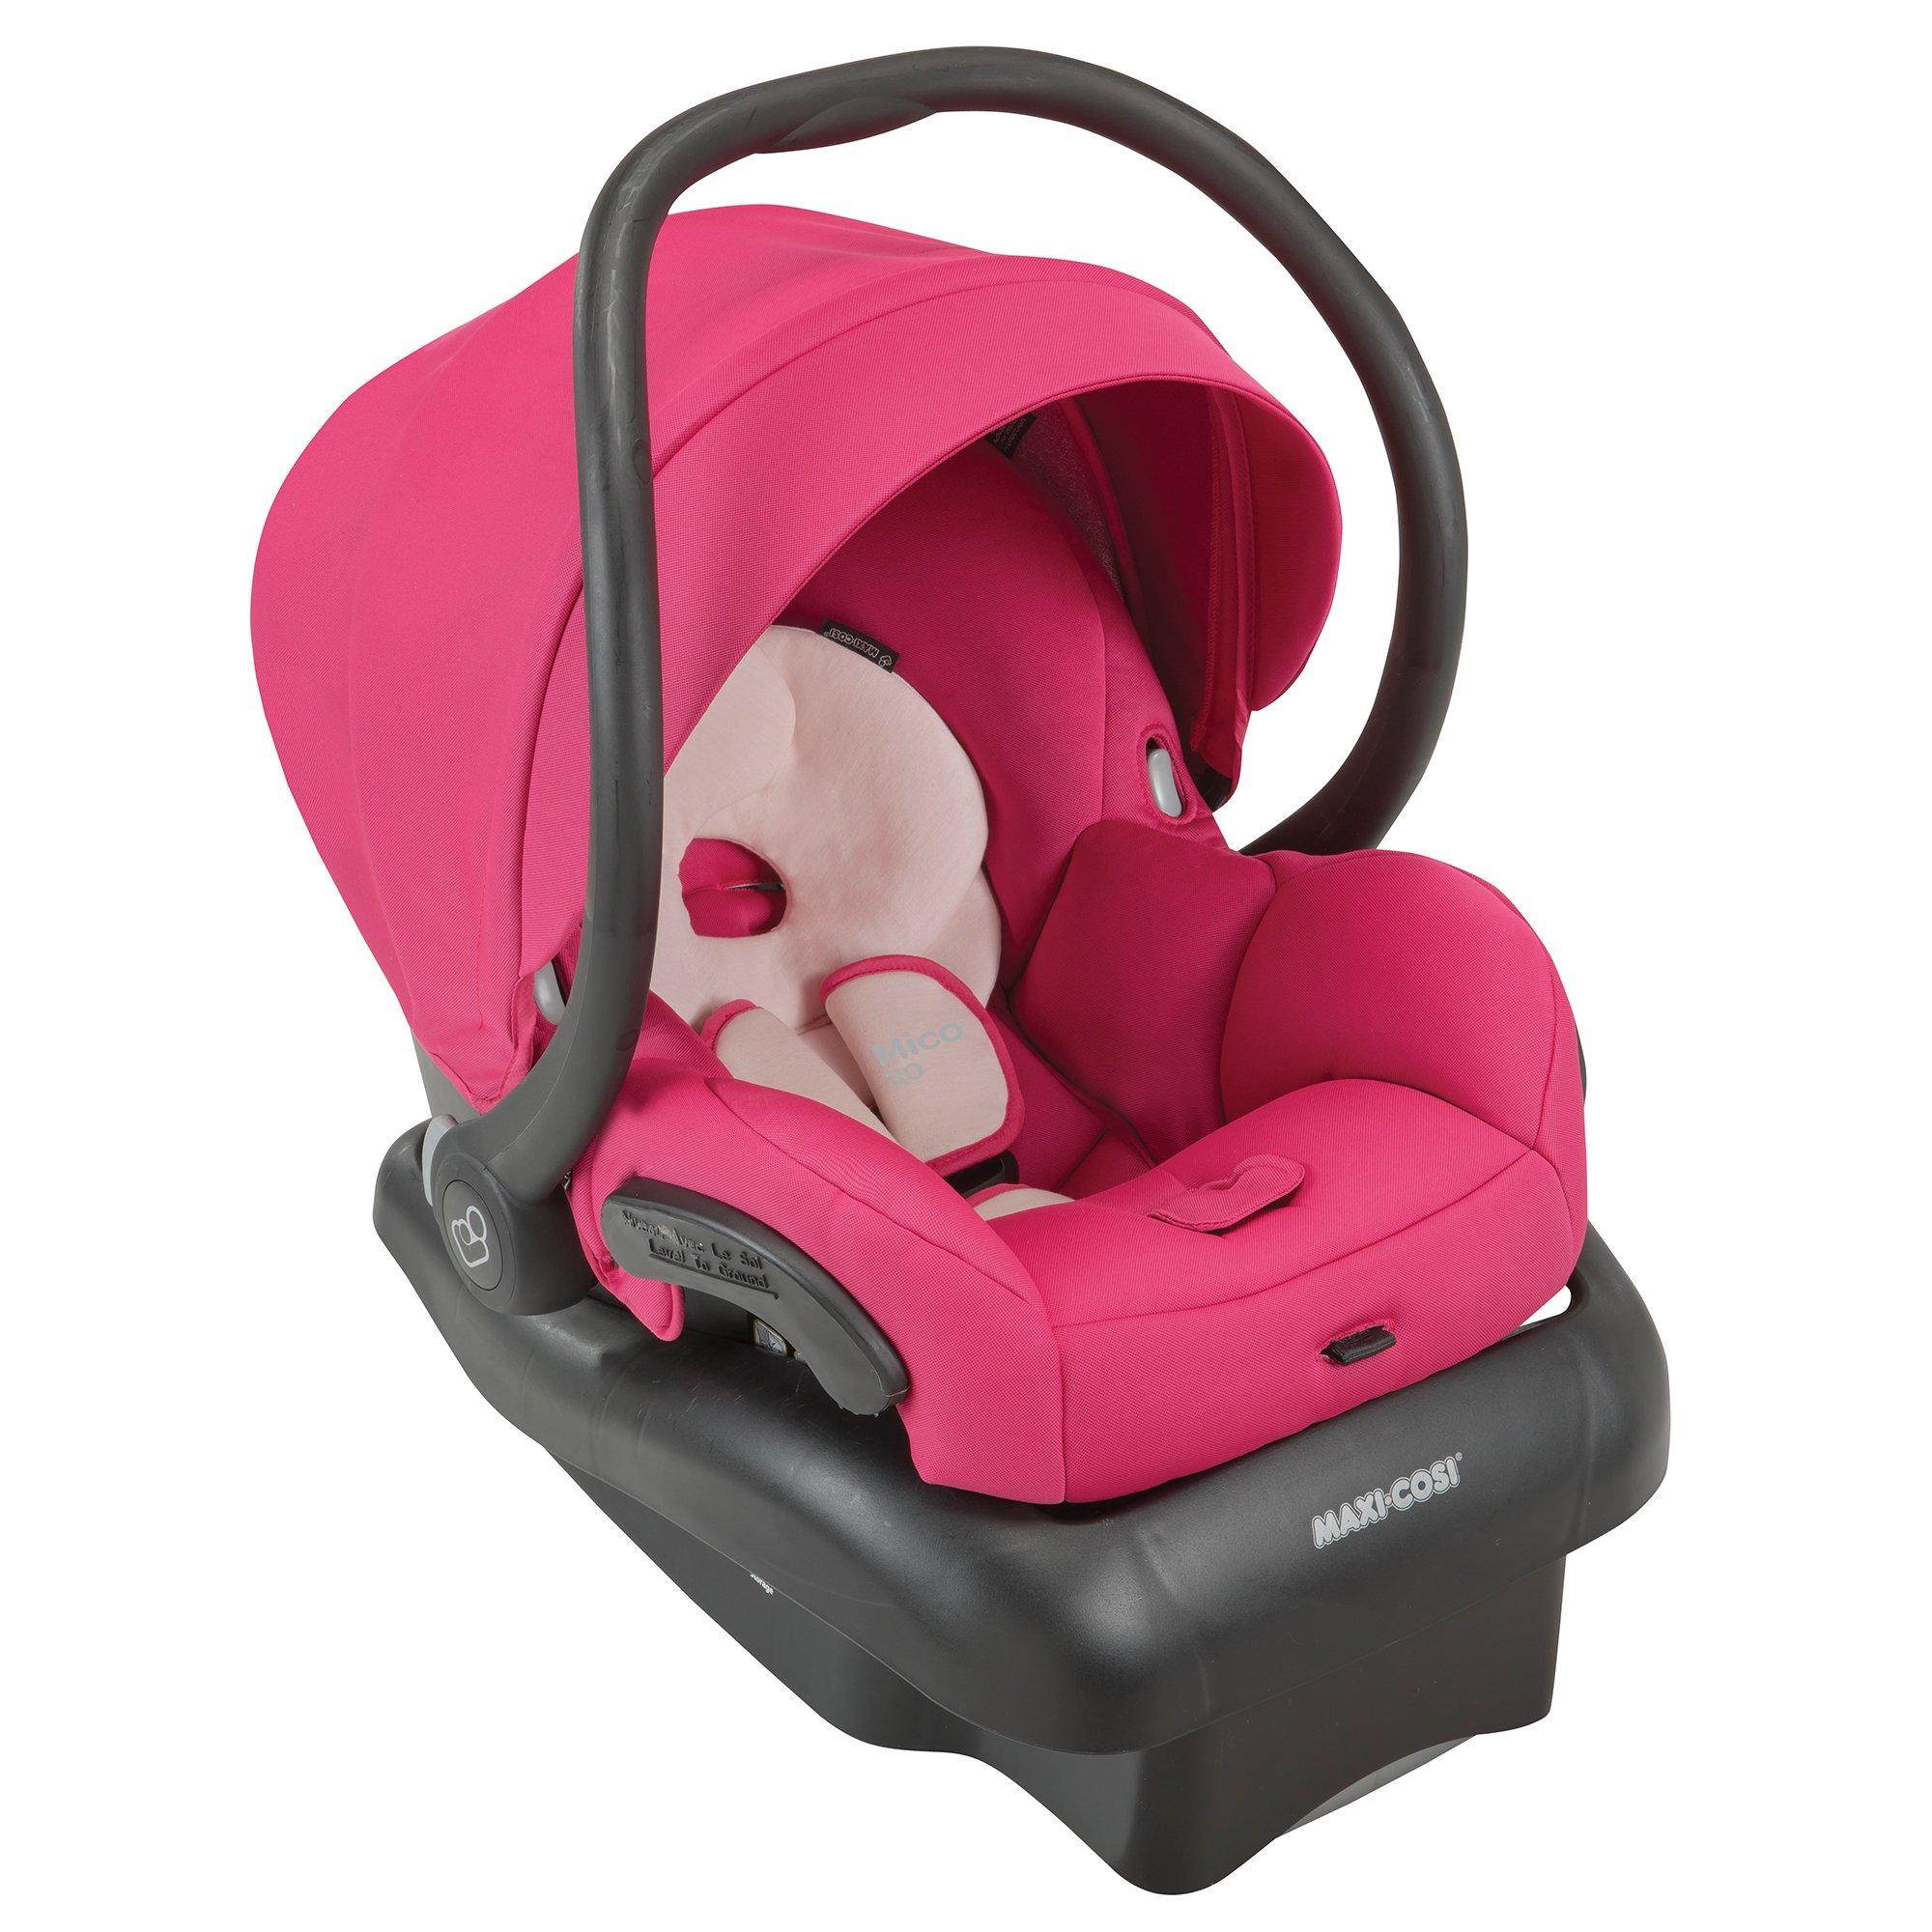 Amazon.com : Maxi-Cosi Maxi-Taxi Stroller Frame : Baby